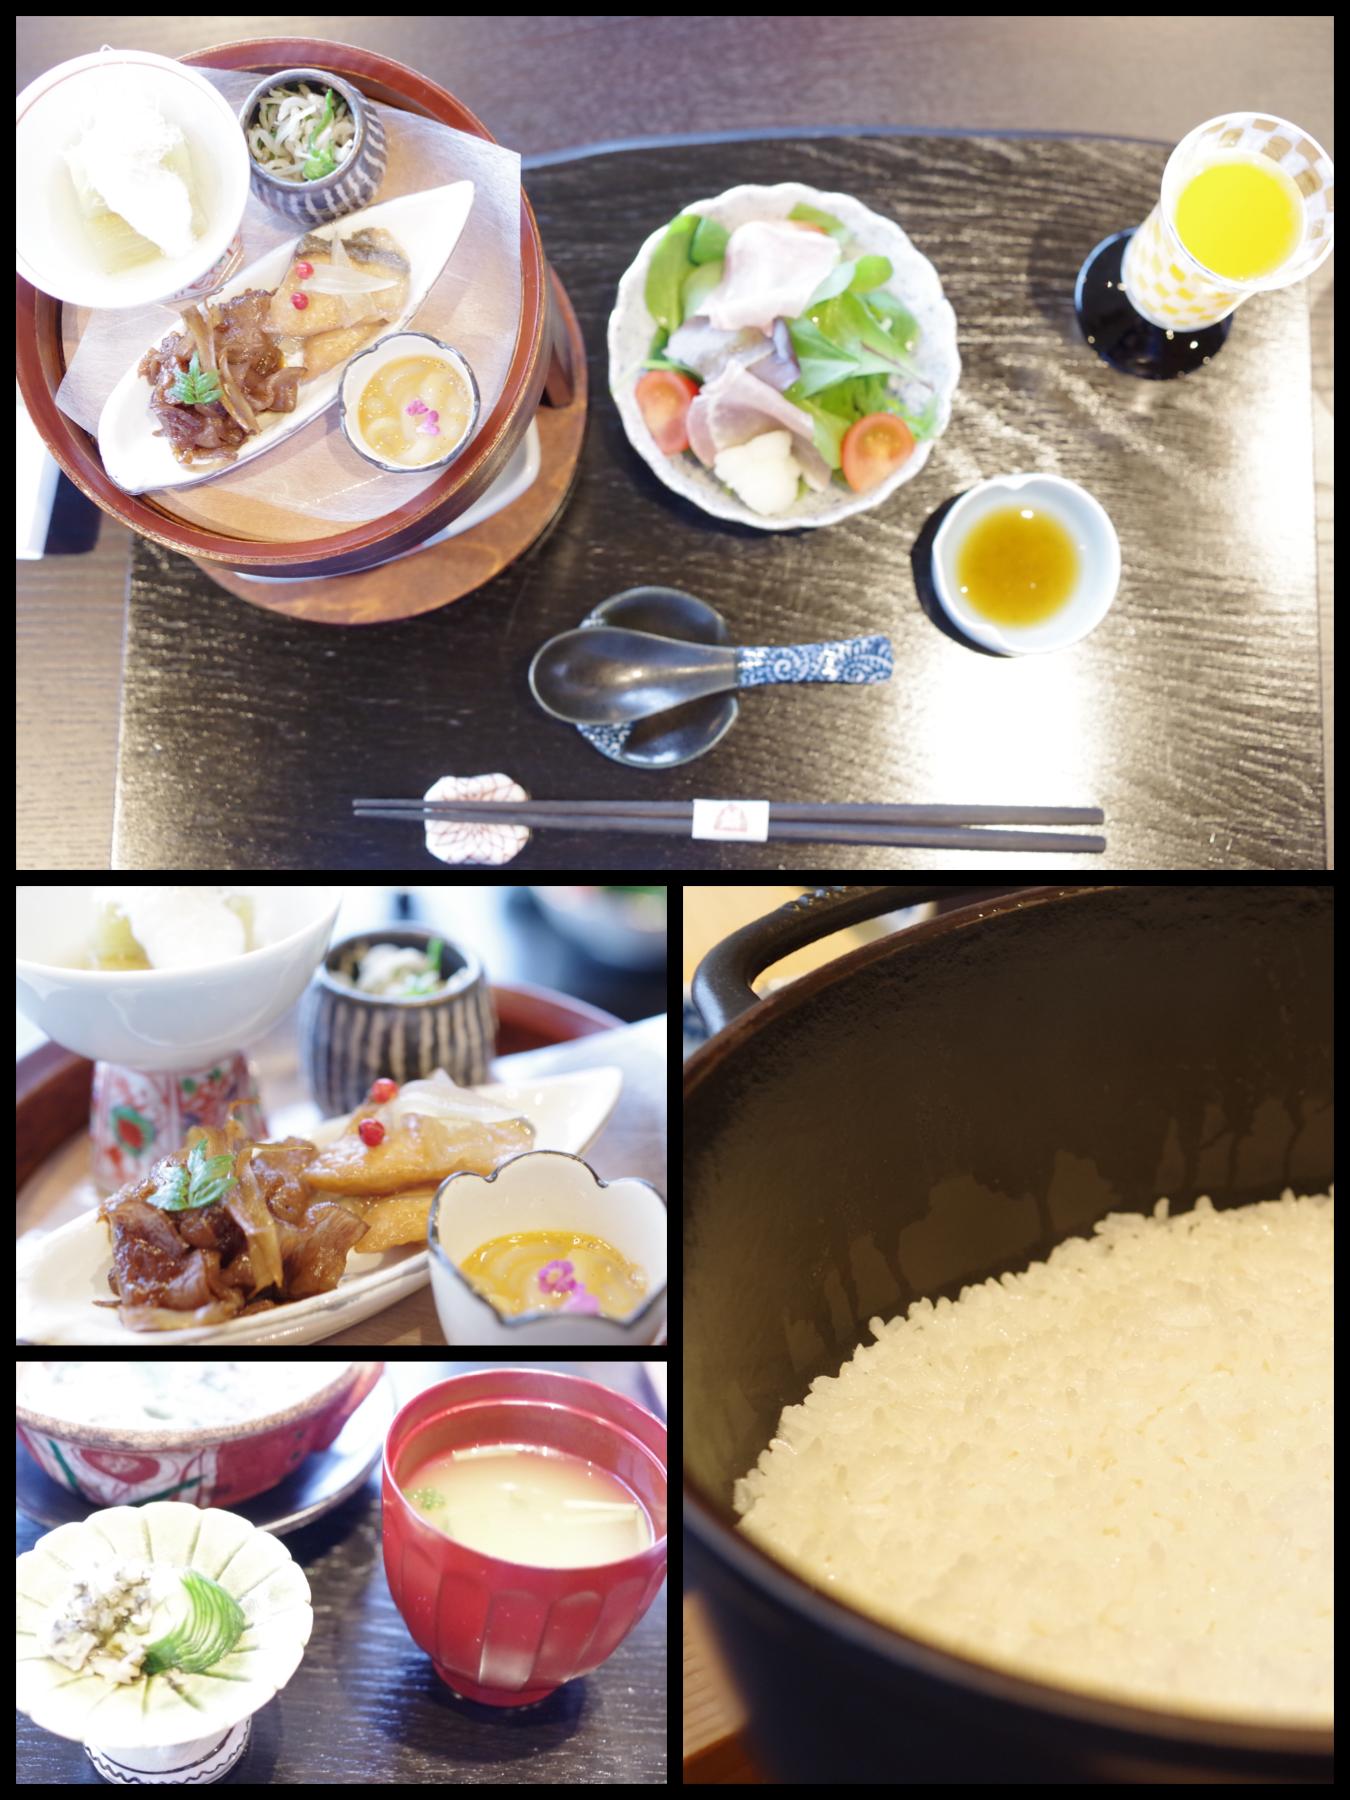 熱海市網代  旅館「山龢〈さんが〉」貴賓館 蒼 朝食